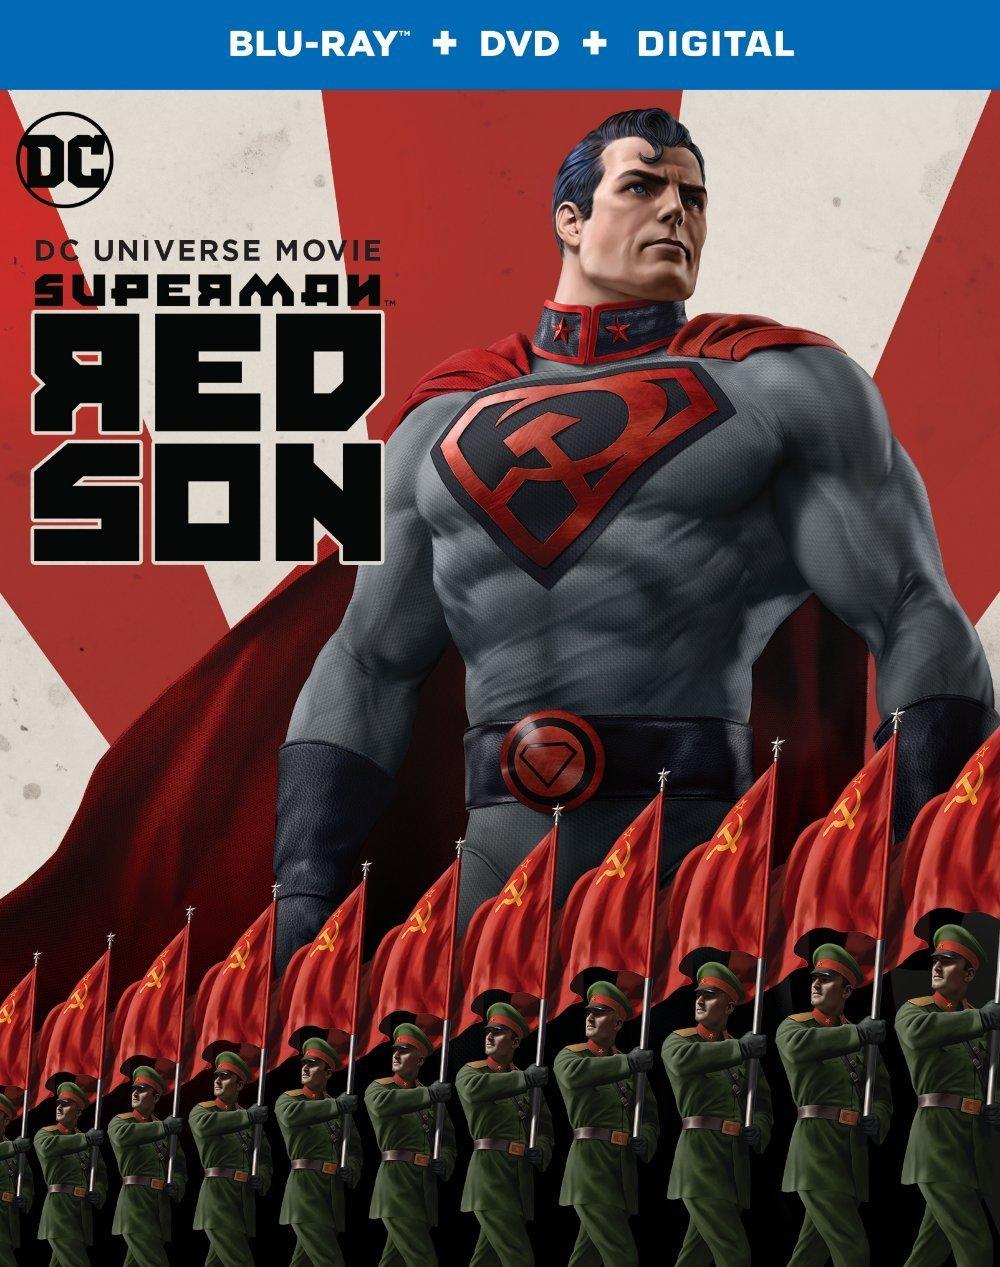 Edición Blu-ray+DVD+Digital de Superman: Red Son (2020). Imagen: SupermanHomepage.com